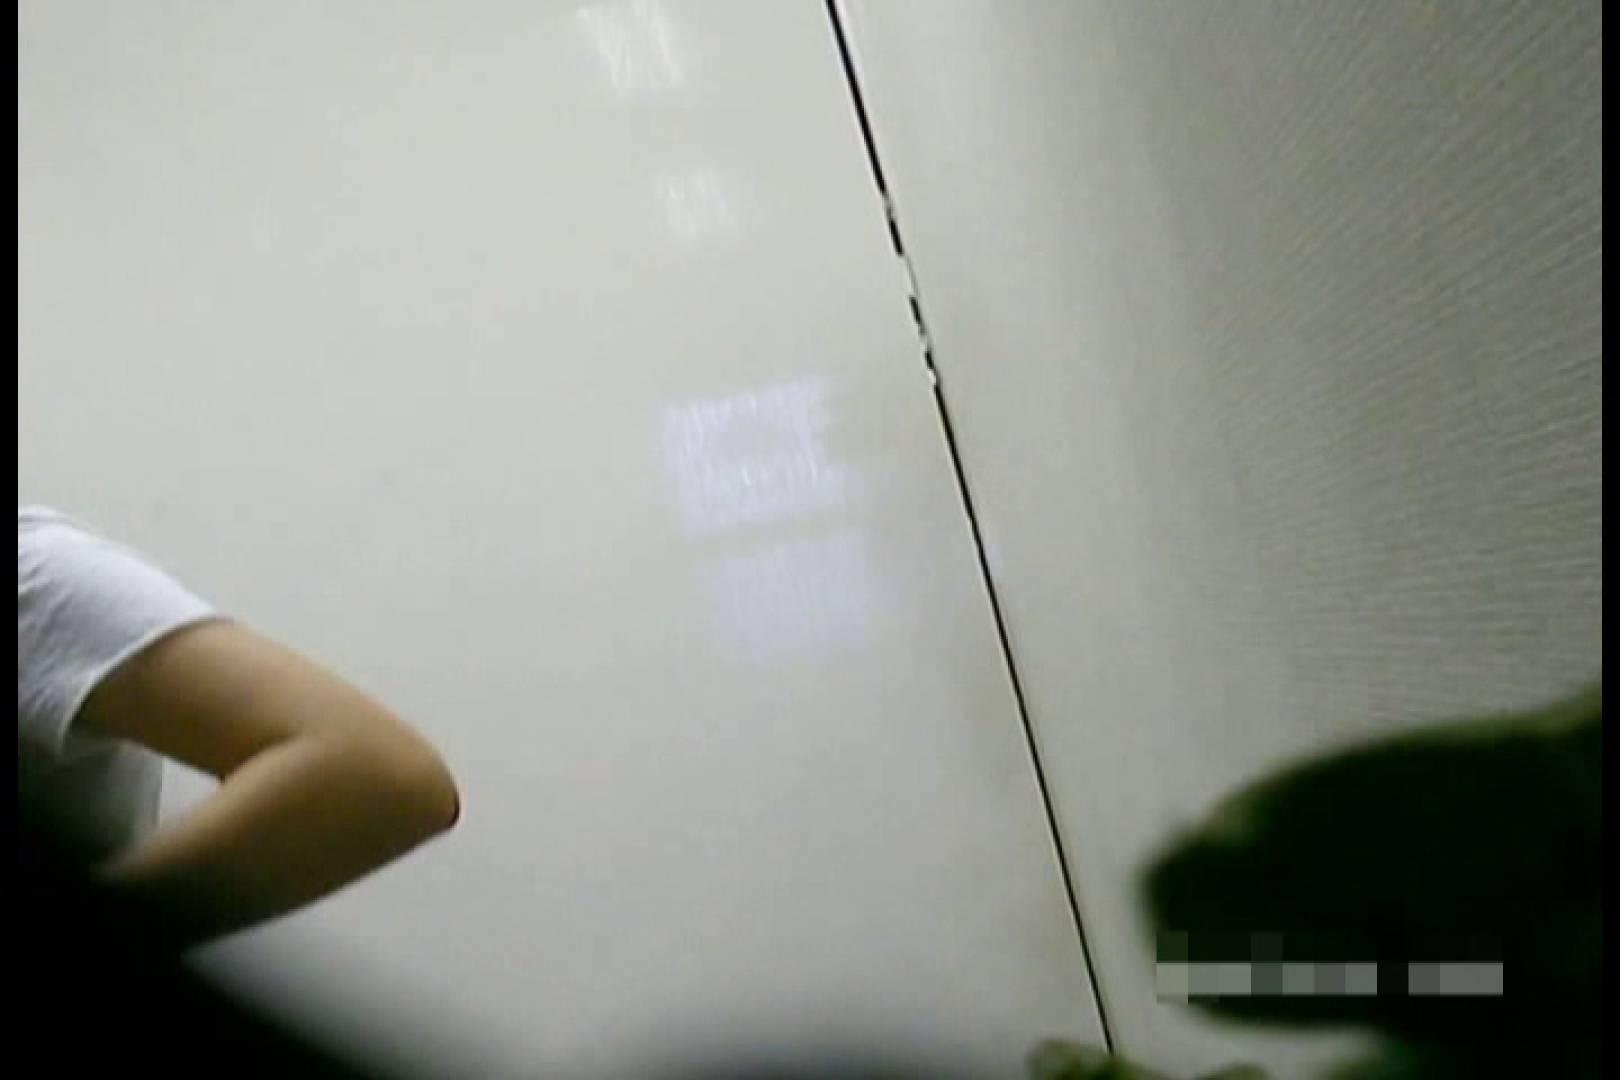 素人撮影 下着だけの撮影のはずが・・・みゆき18歳 エッチな下着 性交動画流出 79枚